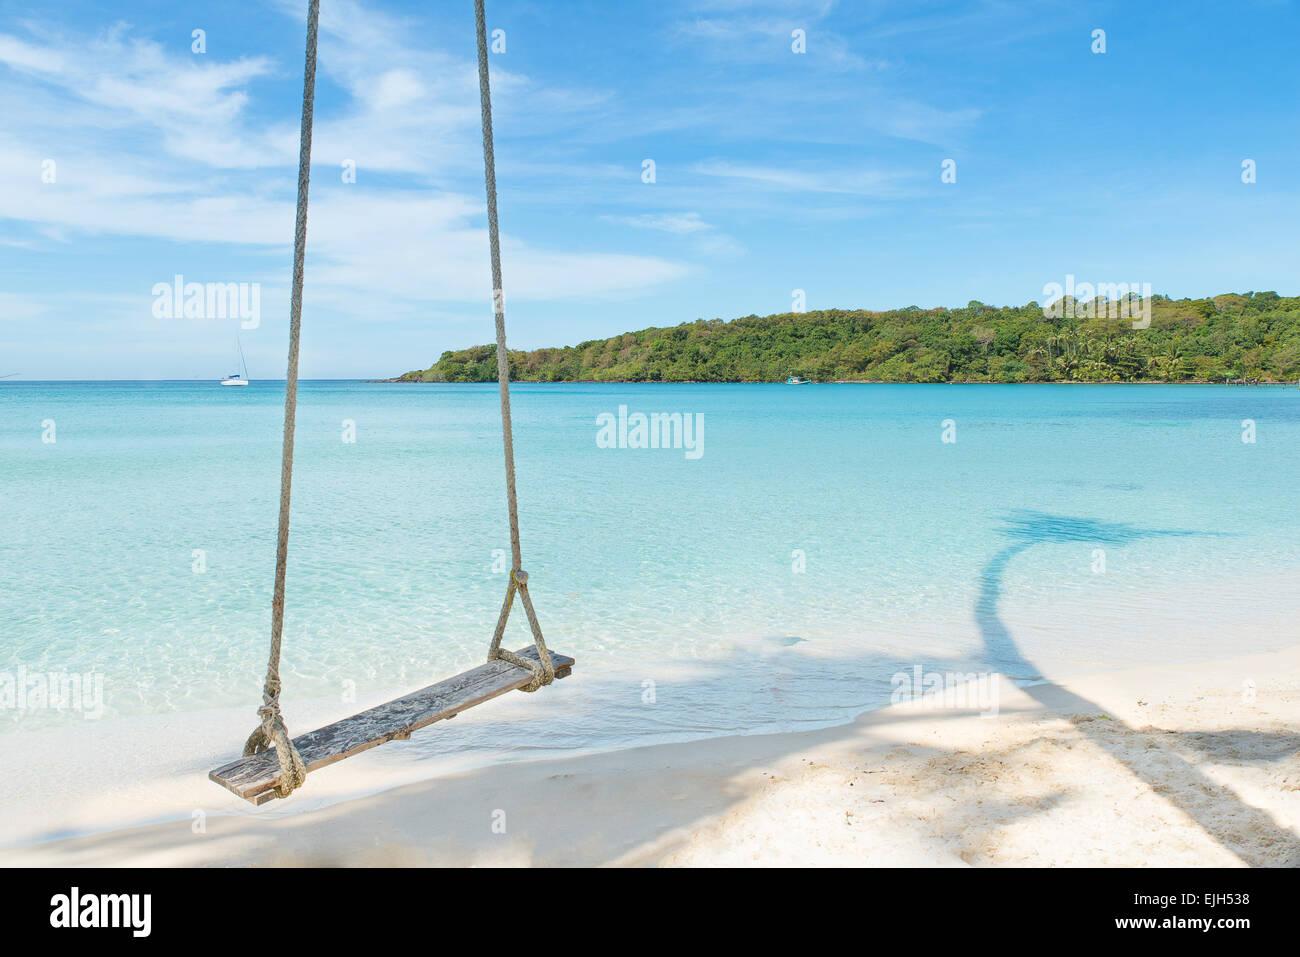 Verano, Viajes, vacaciones y días festivos concepto - Swing colgando del árbol de cocoteros a lo largo de mar en Foto de stock